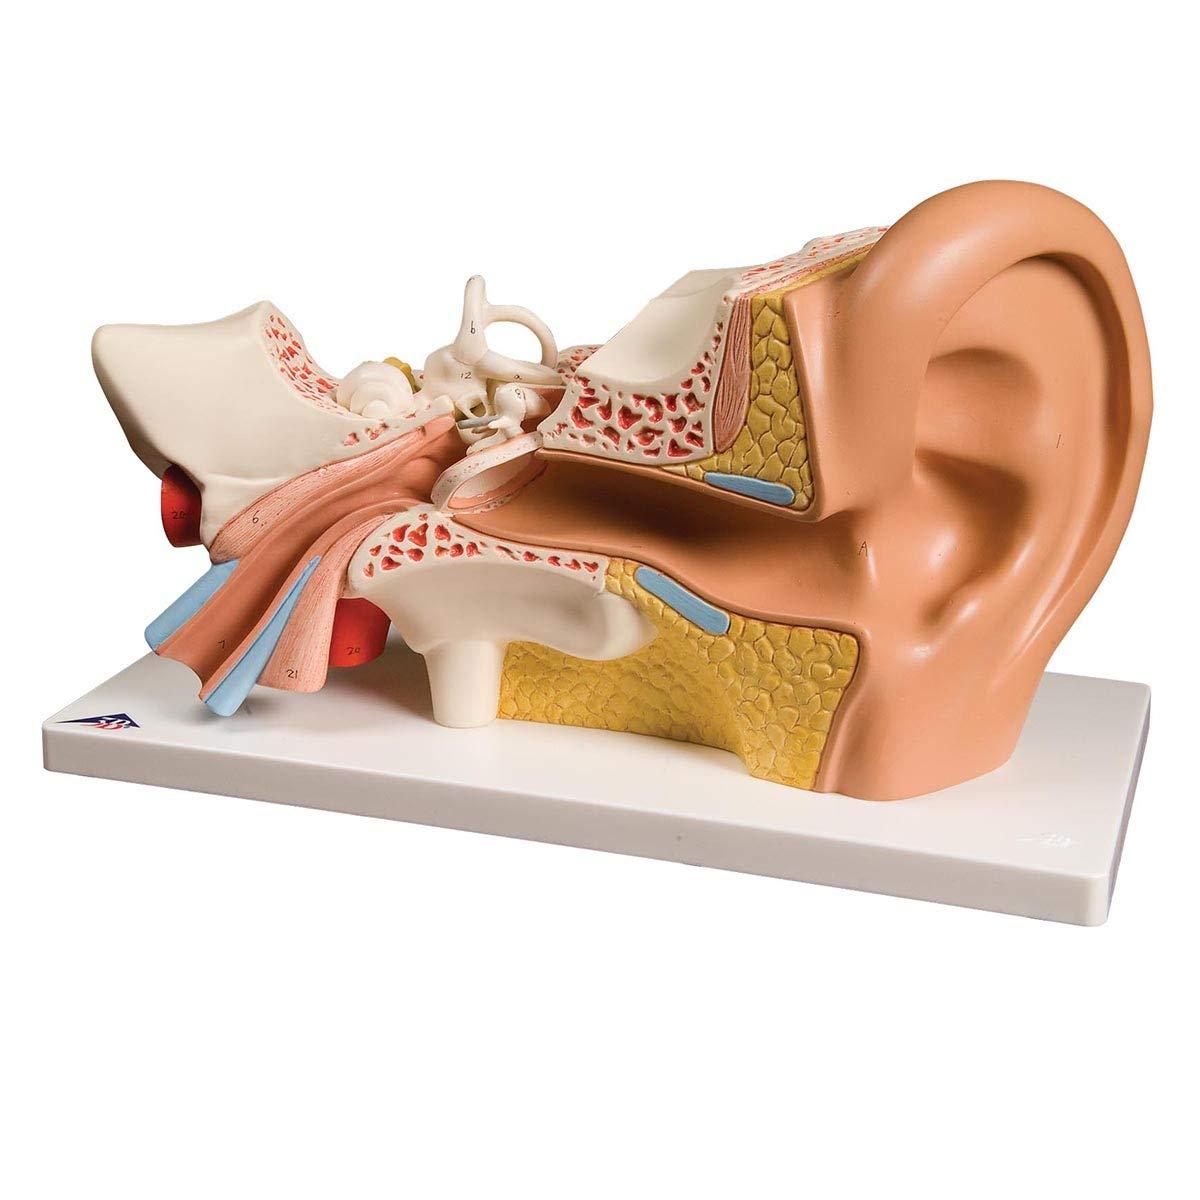 平衡聴覚器,3倍大4分解モデル,標準型   B007NCV0U2